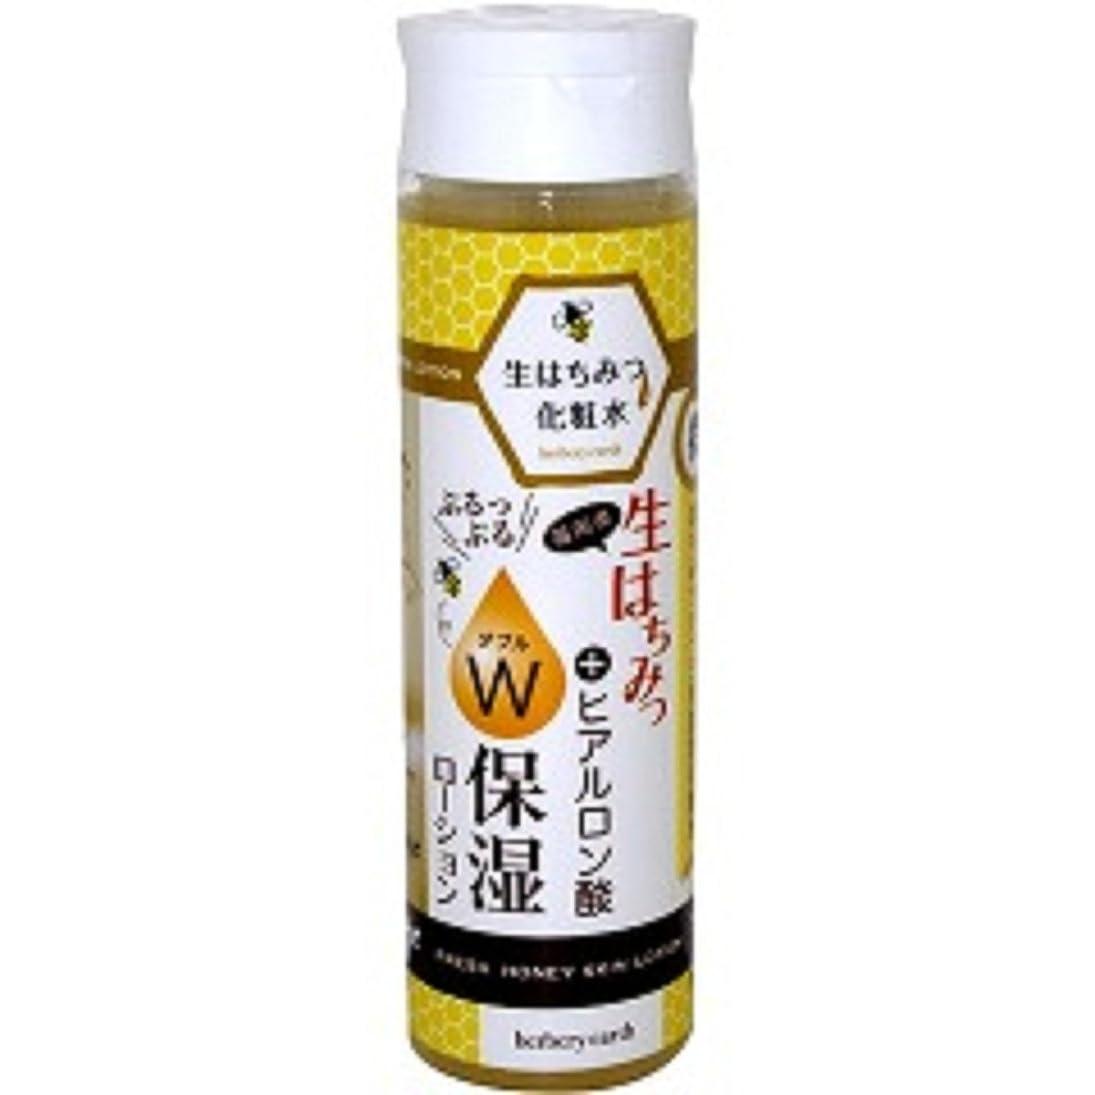 プーノ非公式実現可能性生はちみつ化粧水 W保湿スキンローション